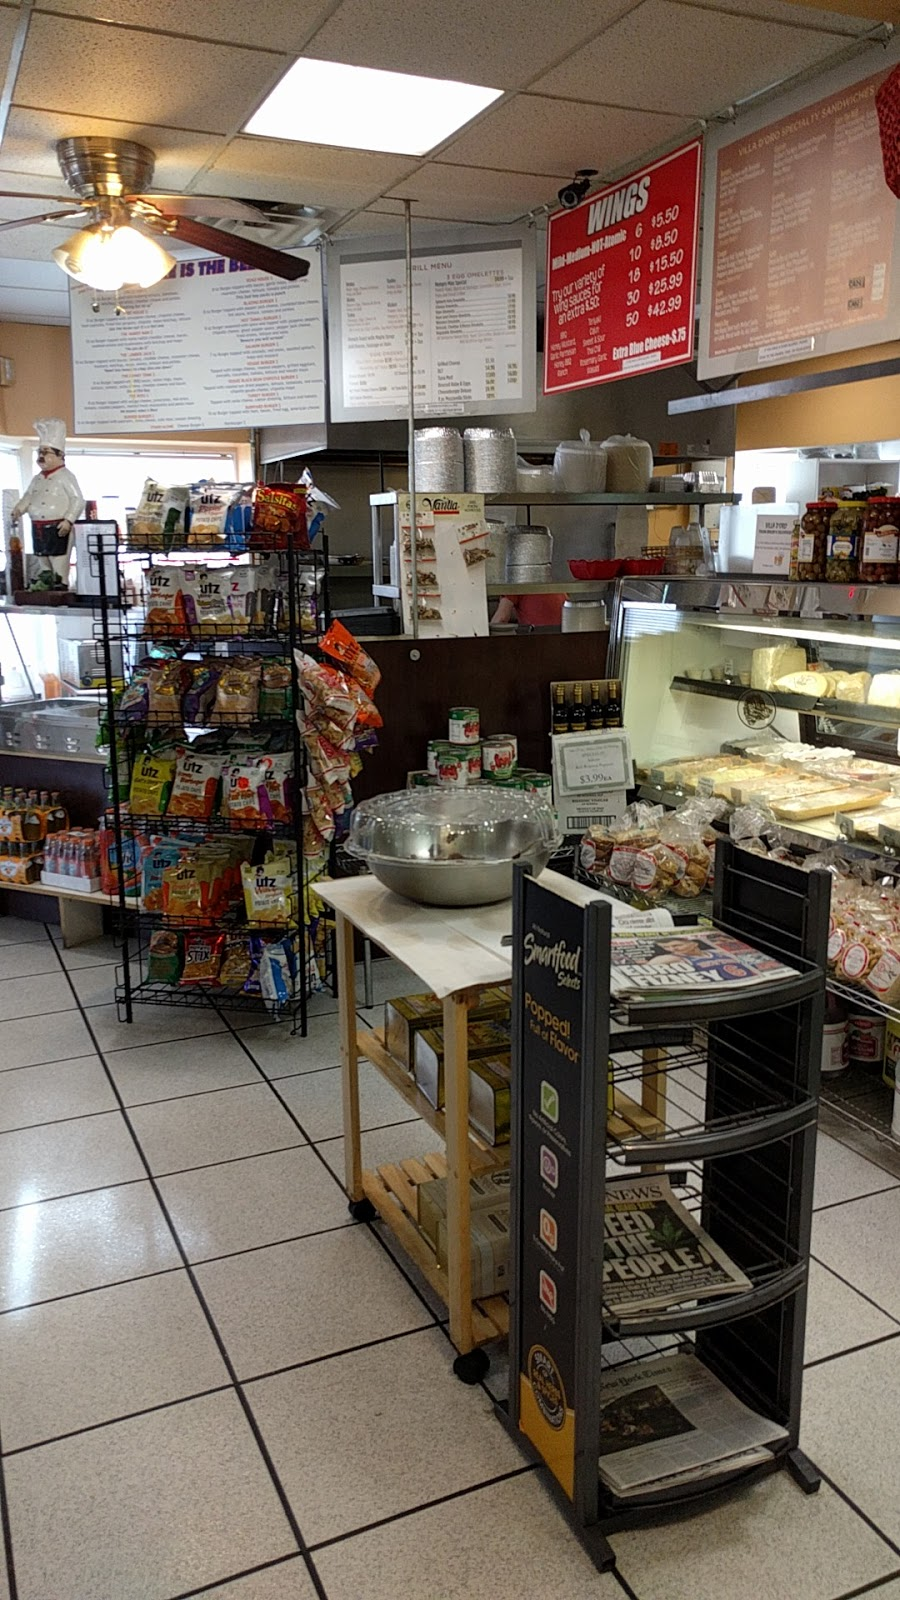 Villa Doro Italian Deli and Bakery - bakery  | Photo 1 of 5 | Address: 24 Old Albany Post Rd, Croton-On-Hudson, NY 10520, USA | Phone: (914) 862-0684